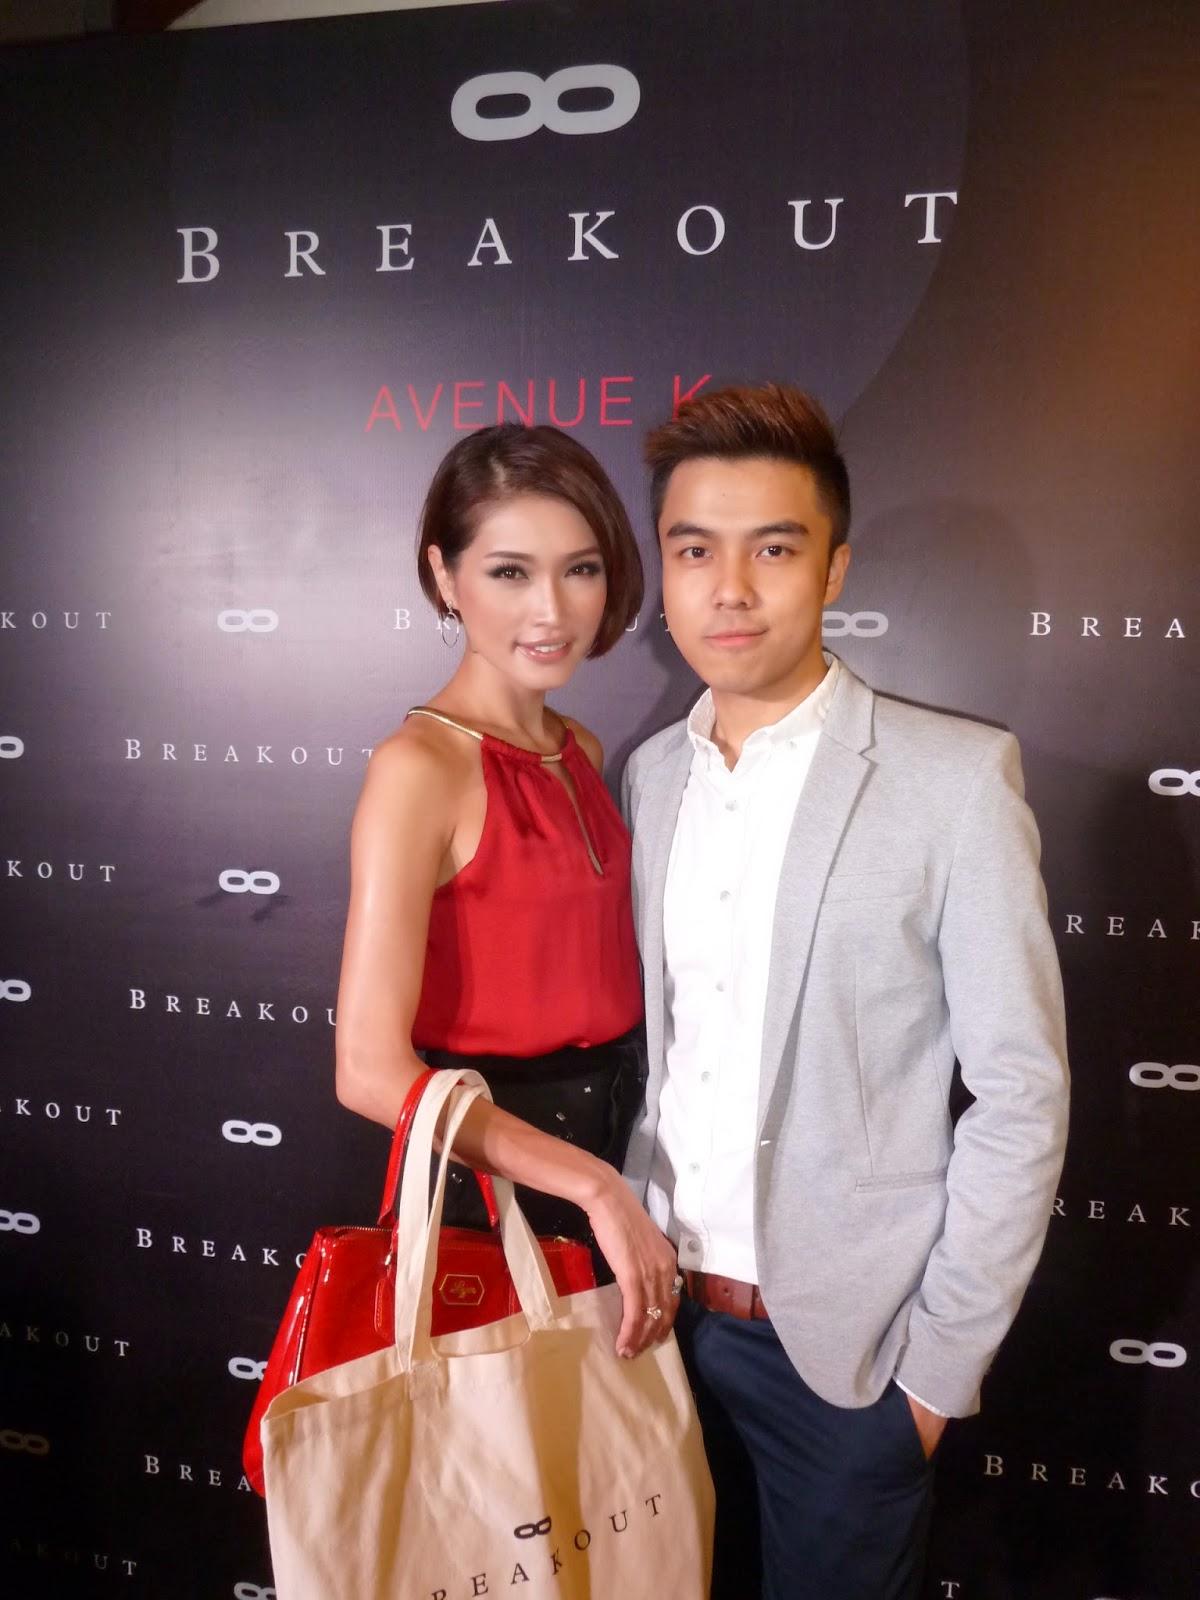 Breakout Avenue K